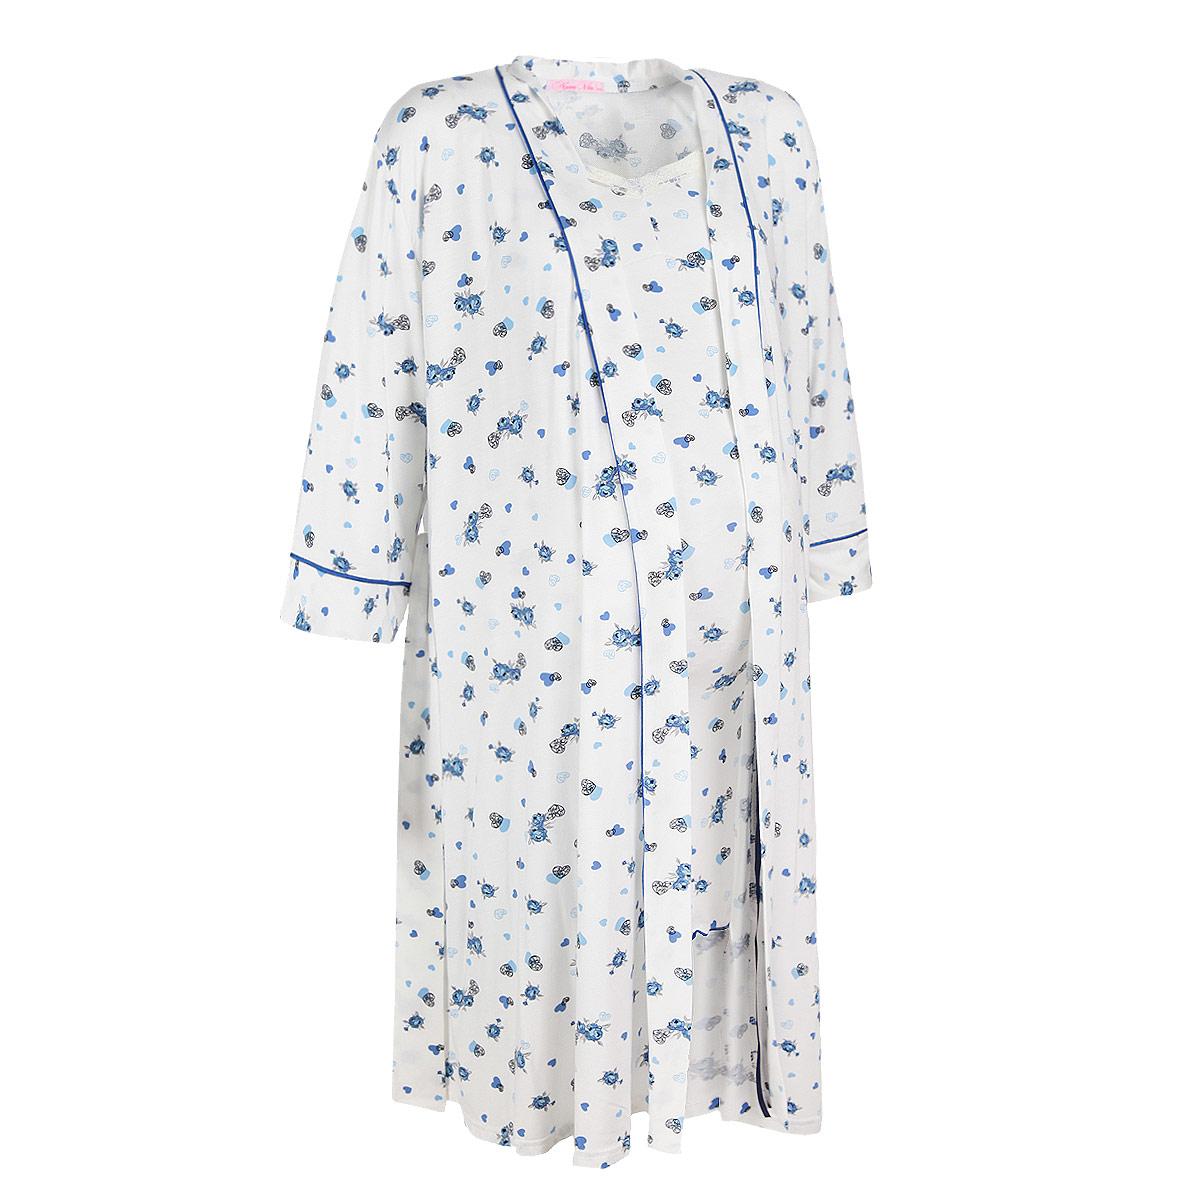 Домашний комплект714.1Элегантный комплект для кормящих Nuova Vita Amata Madre Сердечки, состоящий из халата и сорочки, замечательно подходит для сна и отдыха. Красивая женственная расцветка сочетается с удобством и комфортом. Комплект выполнен из очень приятного материала качества суприм-вискоза, он мягкий и приятный к телу, не раздражает нежную и чувствительную кожу, позволяет ей дышать. Мягкая и шелковистая на ощупь ткань позволит вам чувствовать себя еще более уютно. Халат с запахом и рукавами ? укомплектован поясом, а внутри предусмотрены атласные завязки для долее комфортного ношения. Удобство халата состоит в доступности к груди и ширине рукавных пройм. Сорочка на регулируемых по длине бретелях с V-образной горловиной имеет удобные замочки клипсы, которые легко можно отстегнуть одной рукой. Чашка отстегивается от сплошной бретели. На спинке модель присборена на эластичную резинку для лучшего прилегания. Горловина декорирована кружевной тесьмой. Края изделия обработаны декоративной...